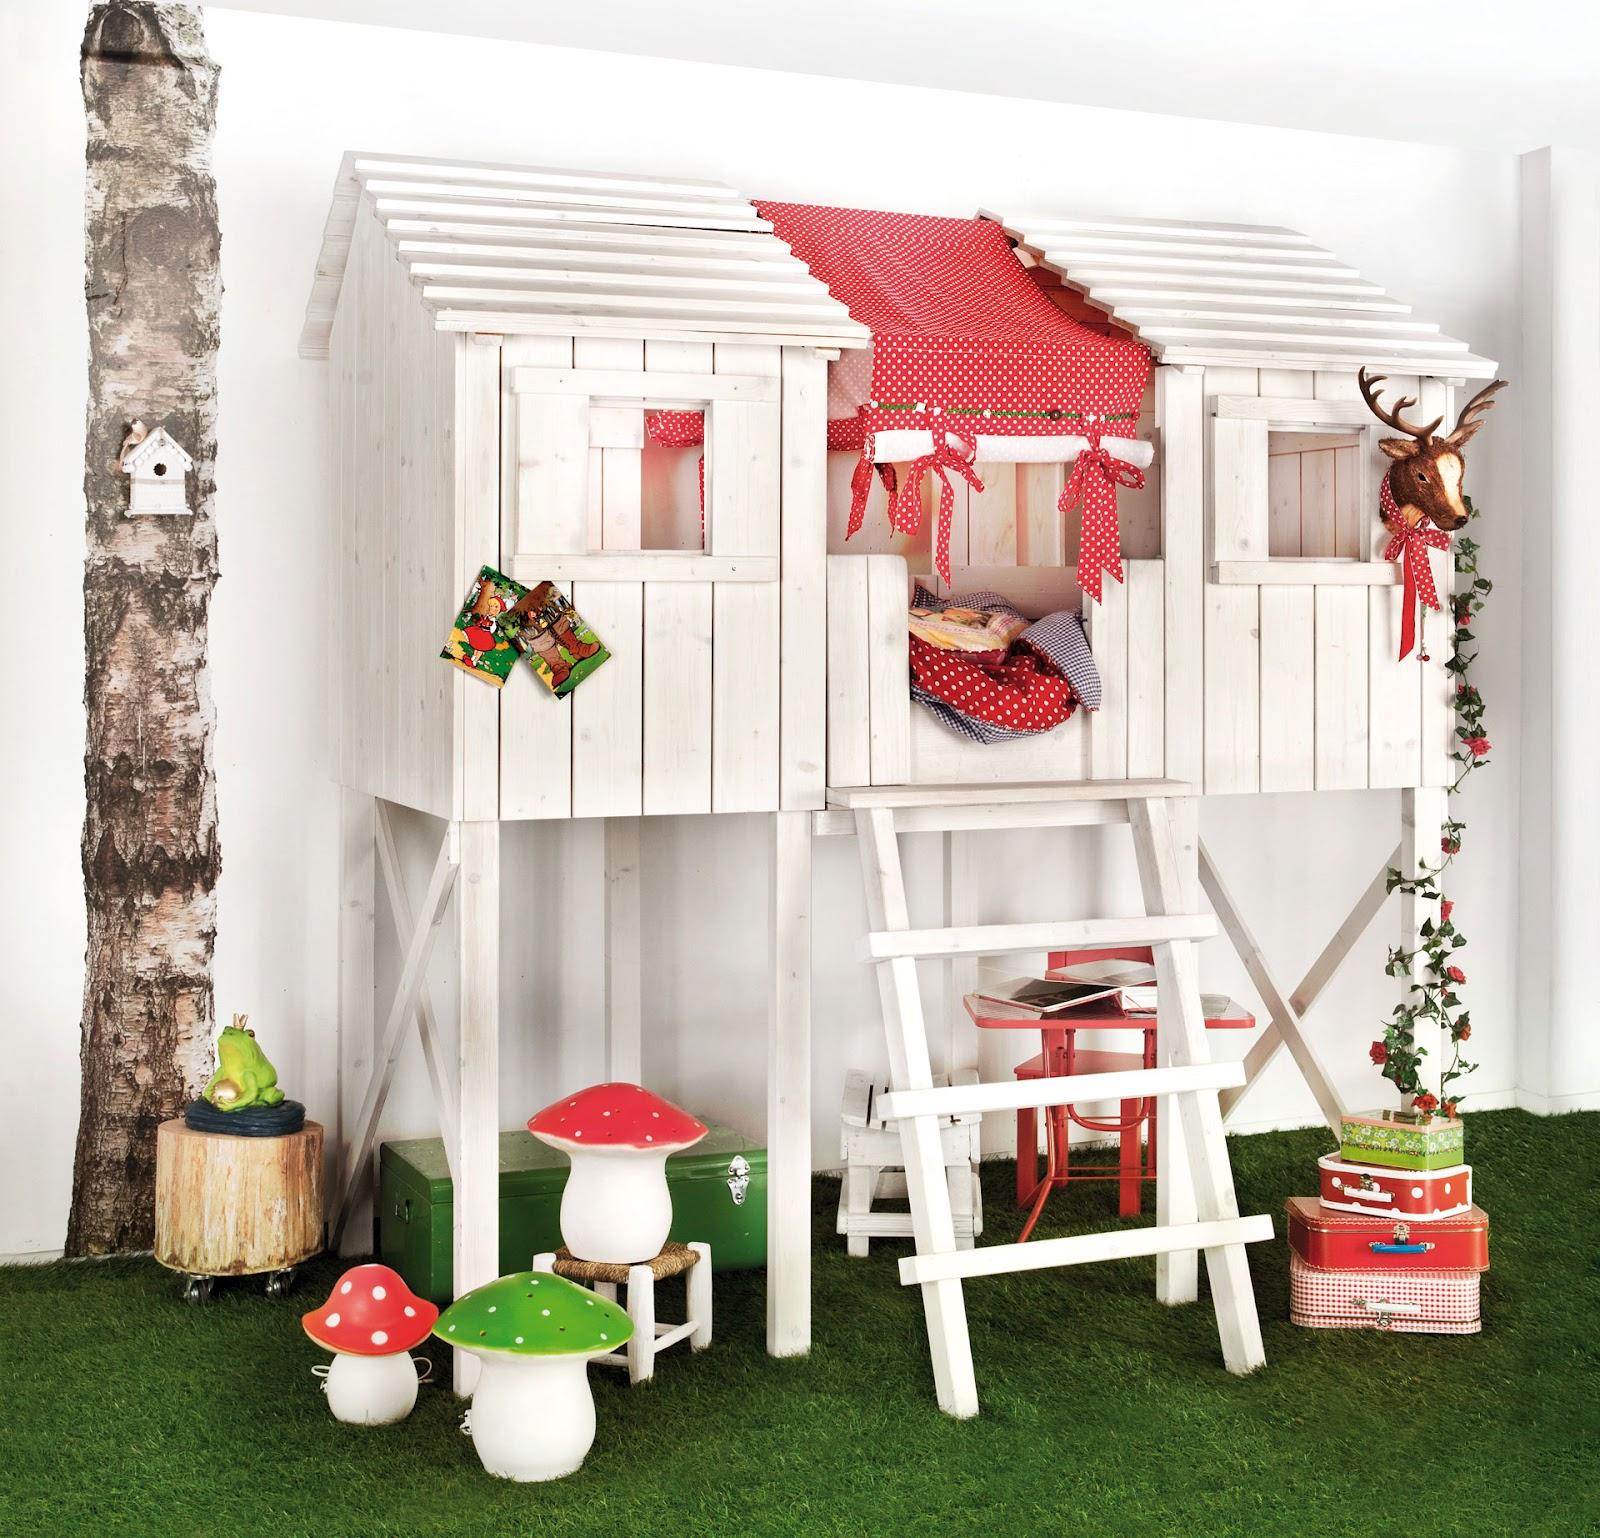 Dormitorios y camas para ni os y bebes decoracion endotcom for Tipos de cuartos para ninas